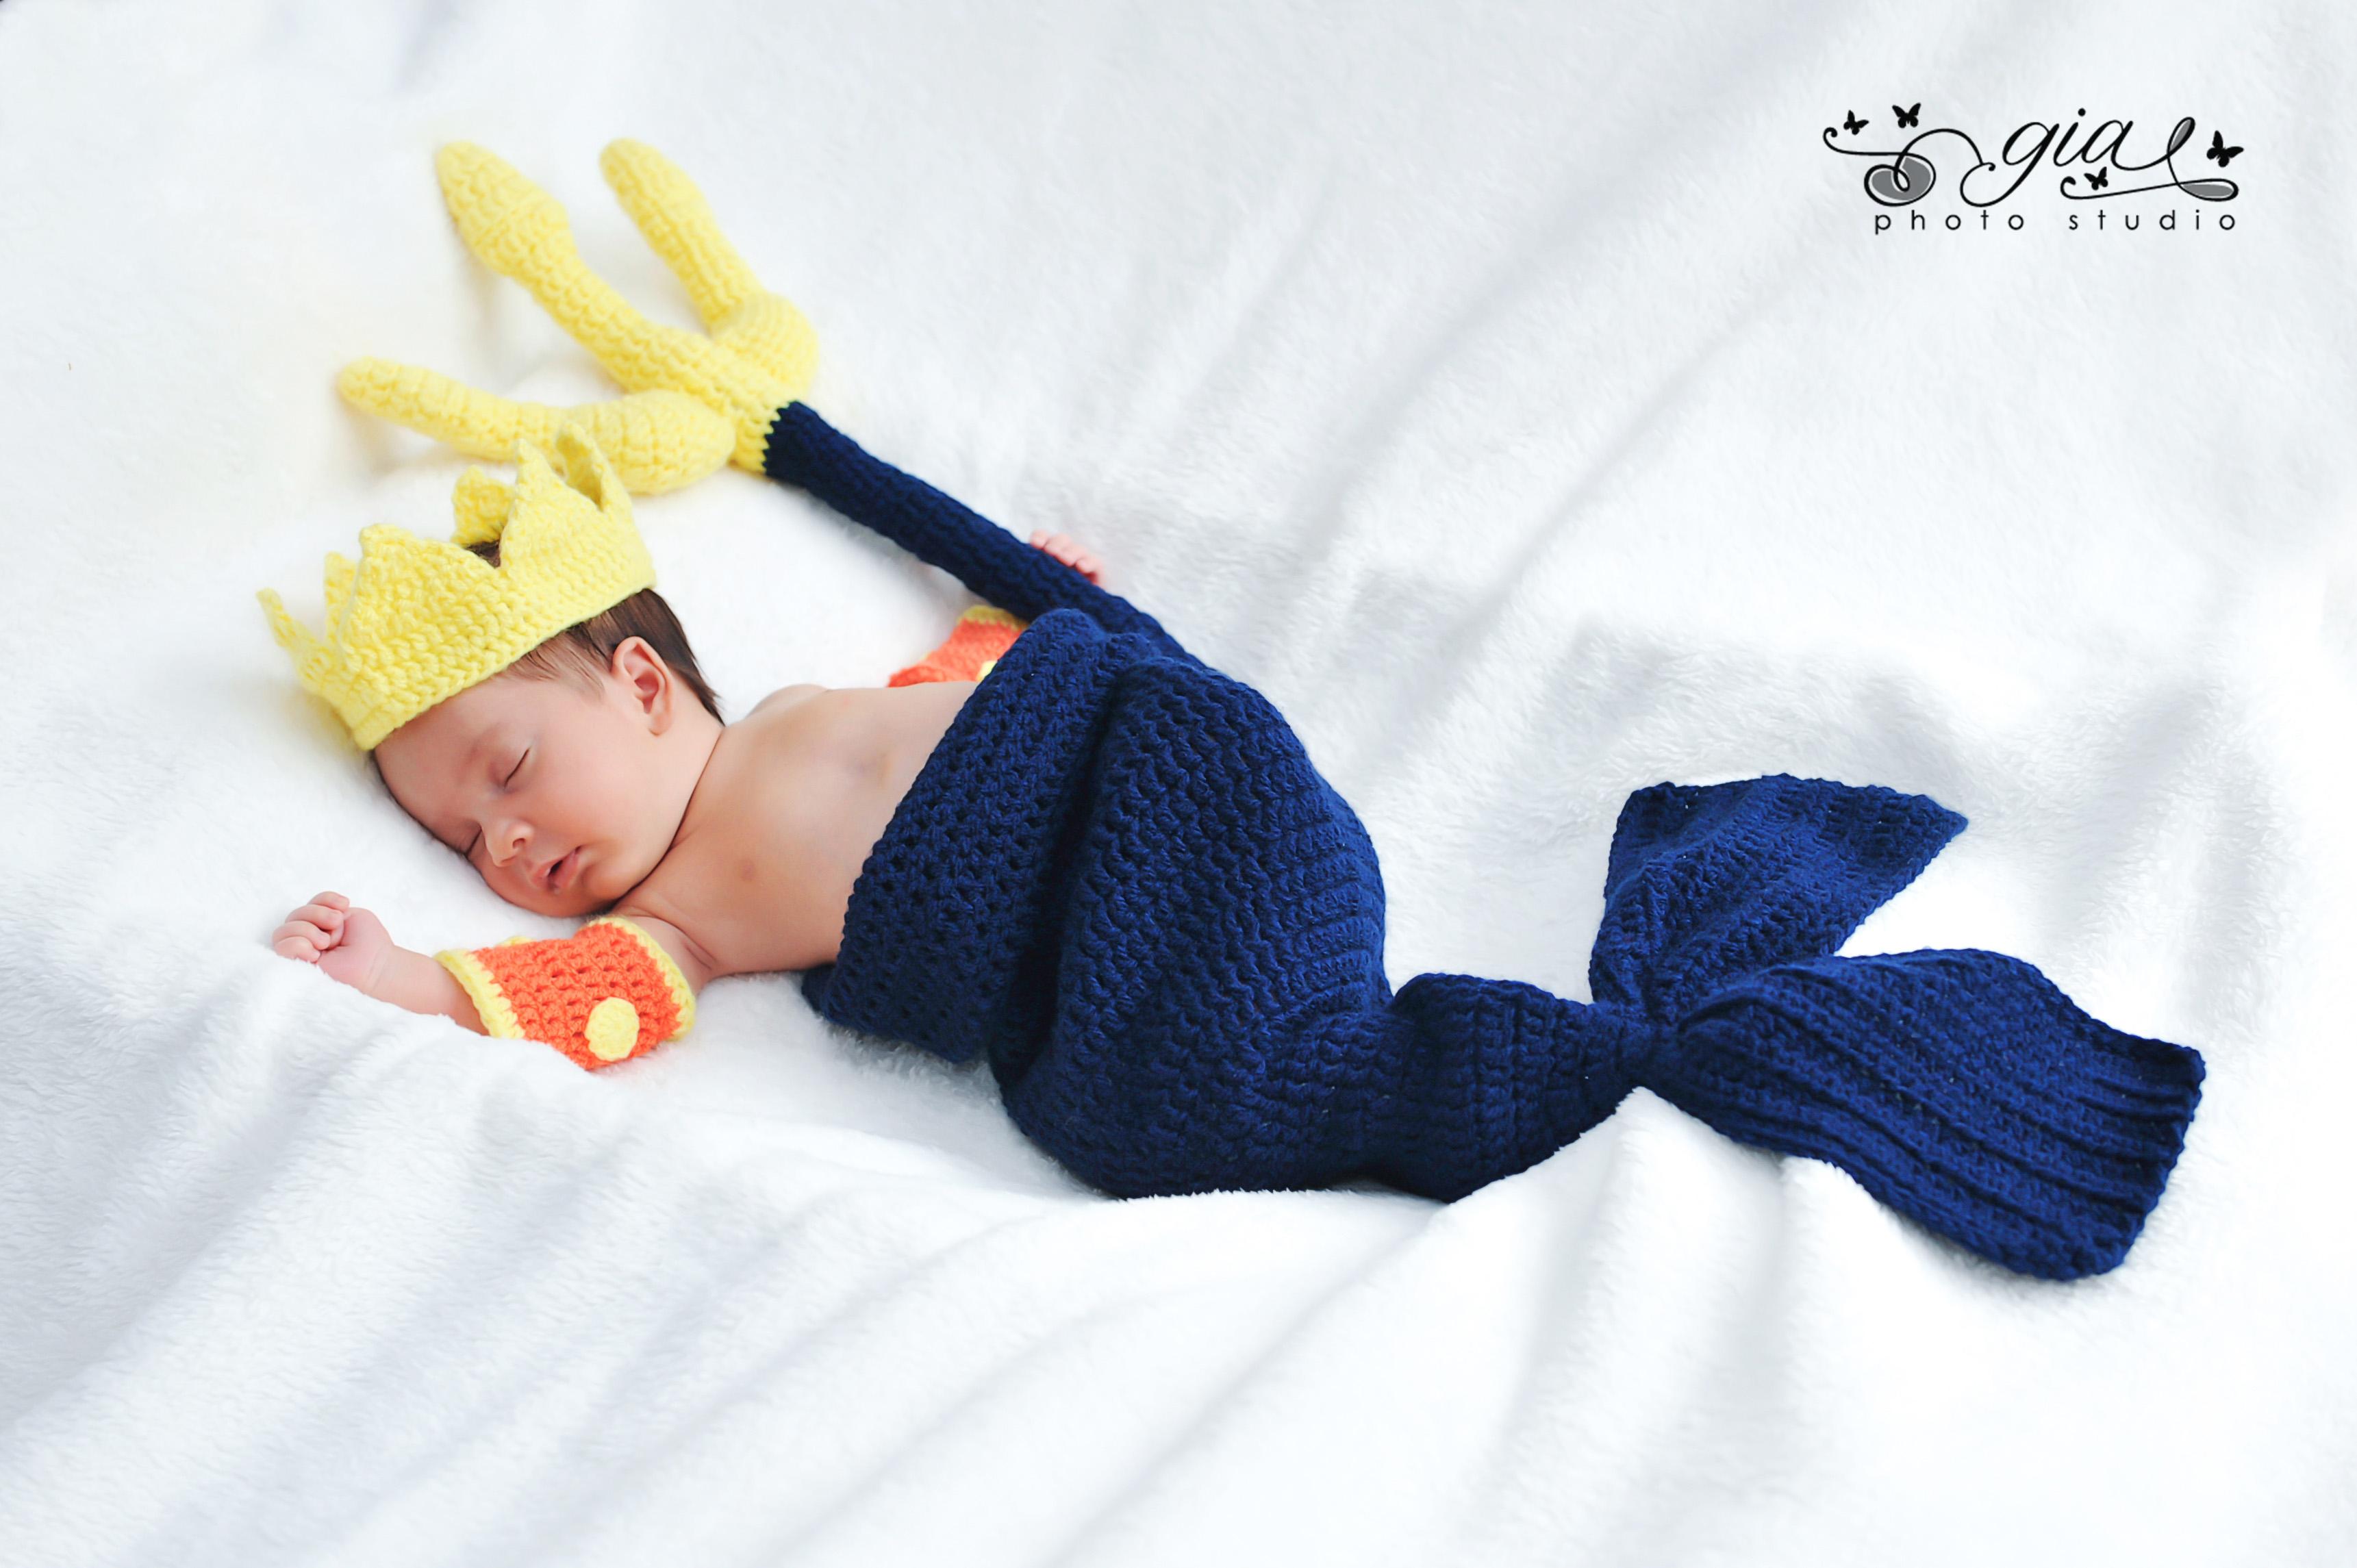 Poze bebelusi nou nascuti 14